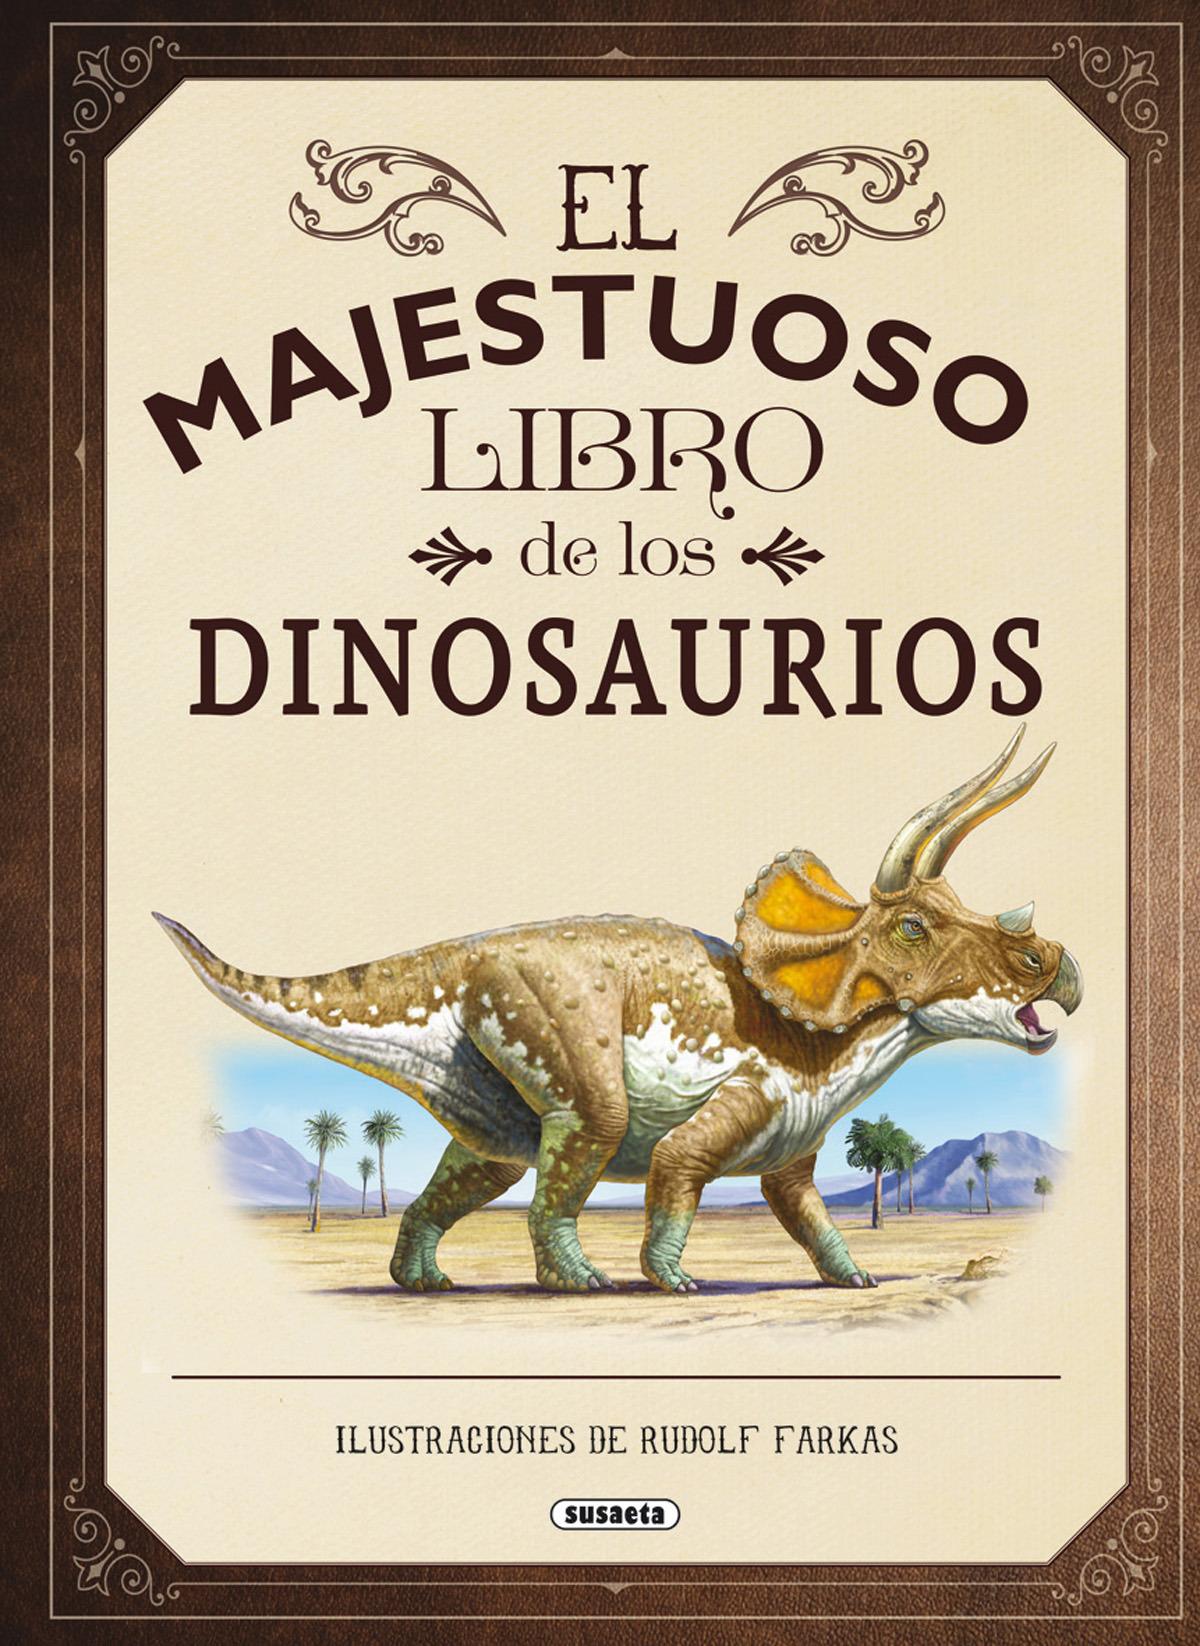 El majestuoso libro de los dinosaurios 9788467753547